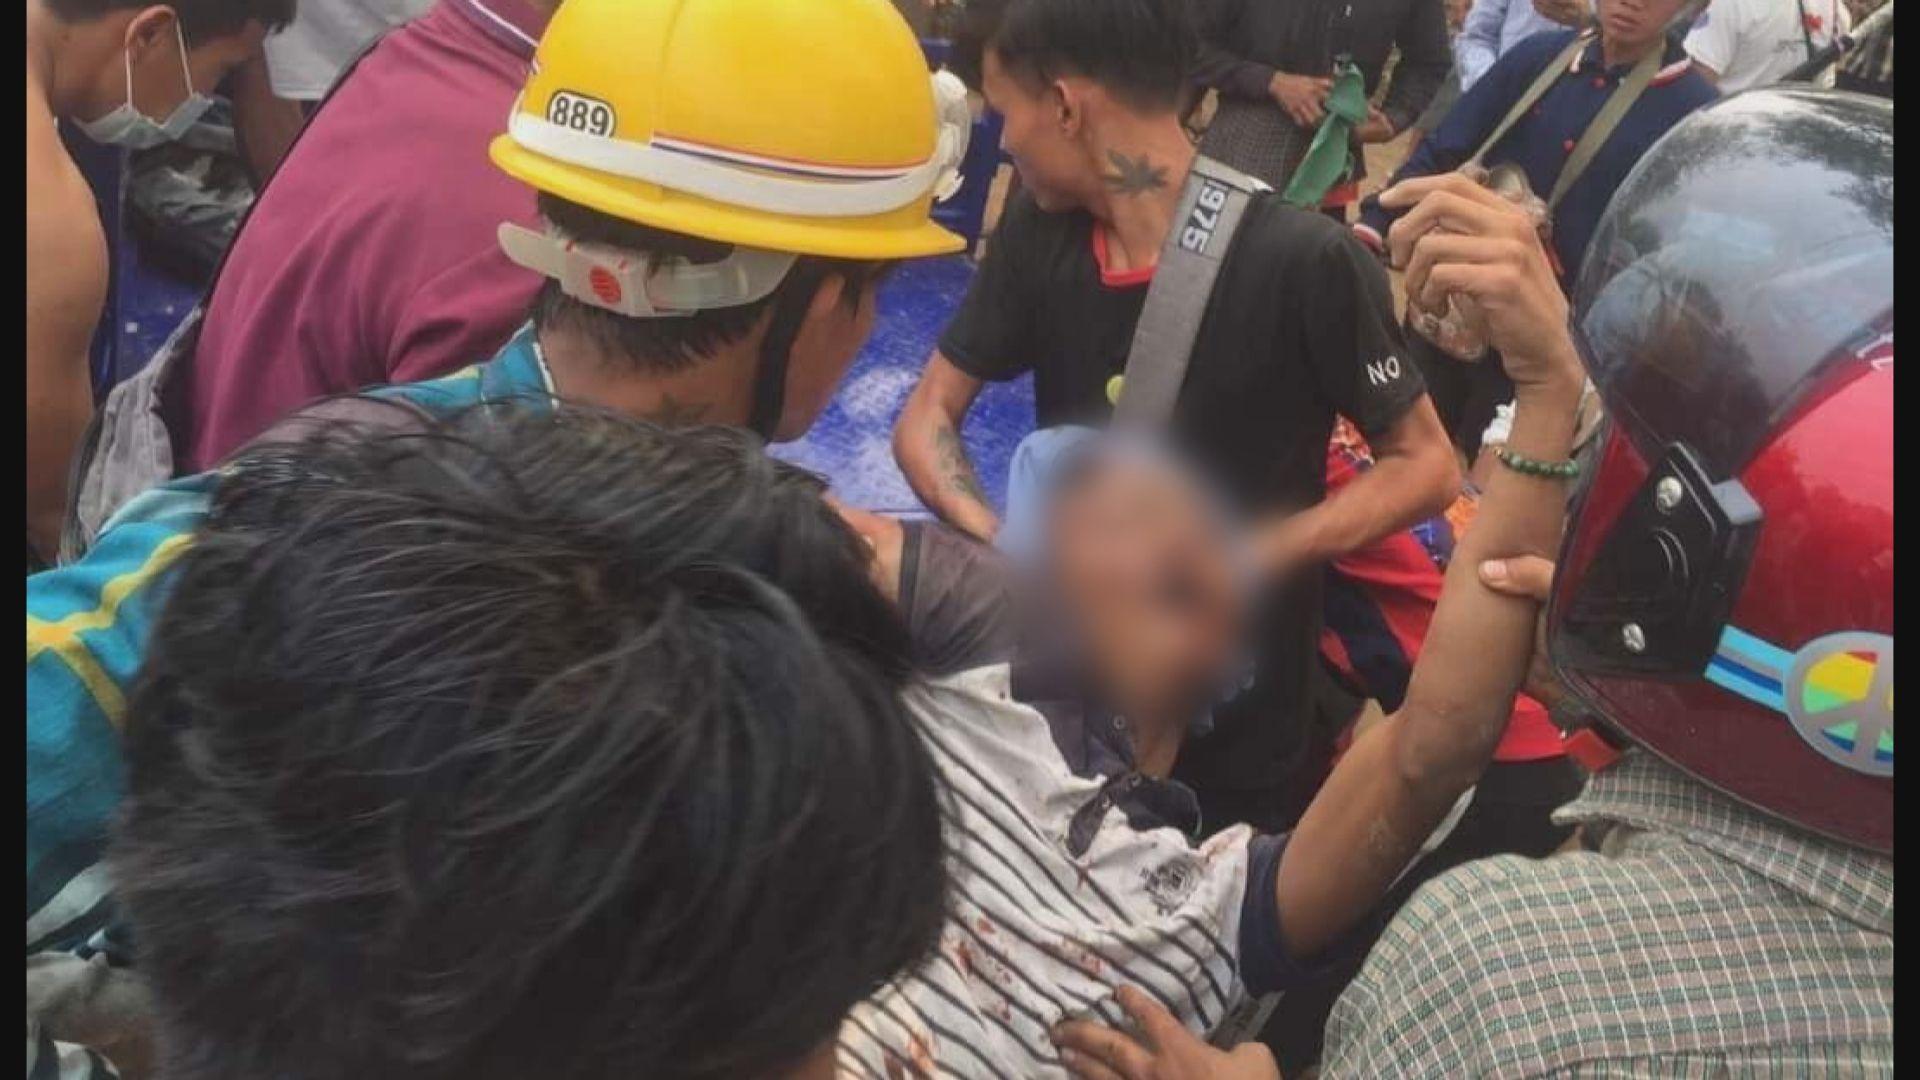 緬甸蒙育瓦市有示威者中槍身亡 四人受傷